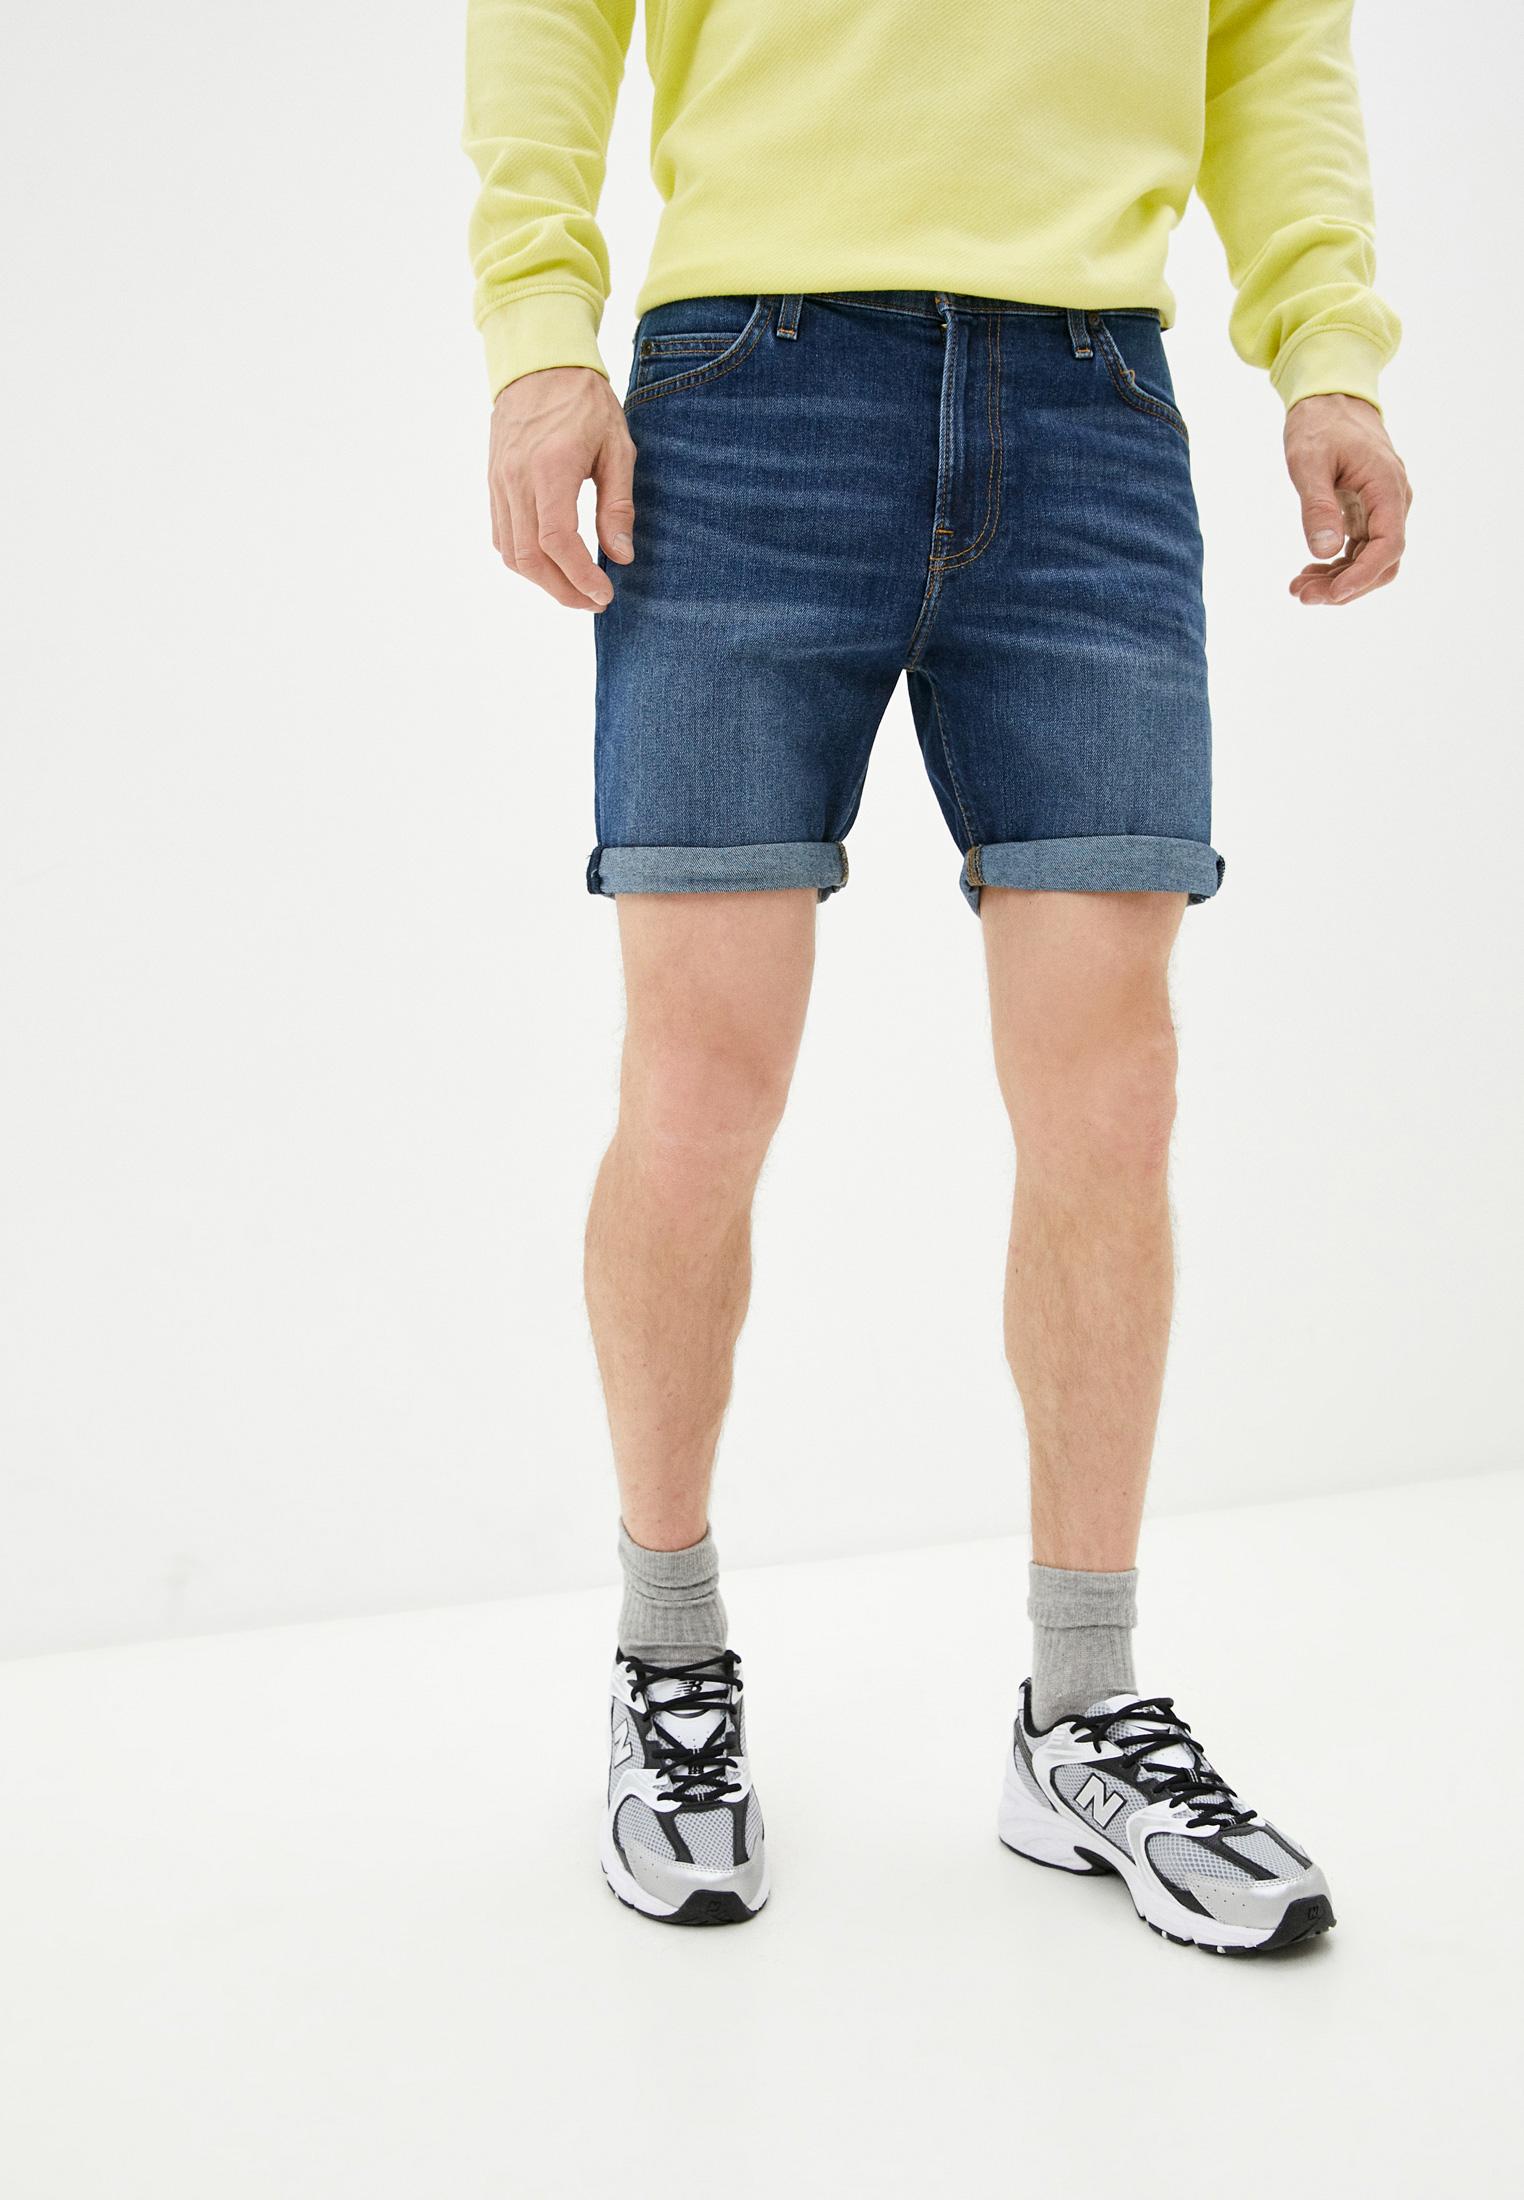 Мужские джинсовые шорты Lee (Ли) Шорты джинсовые Lee